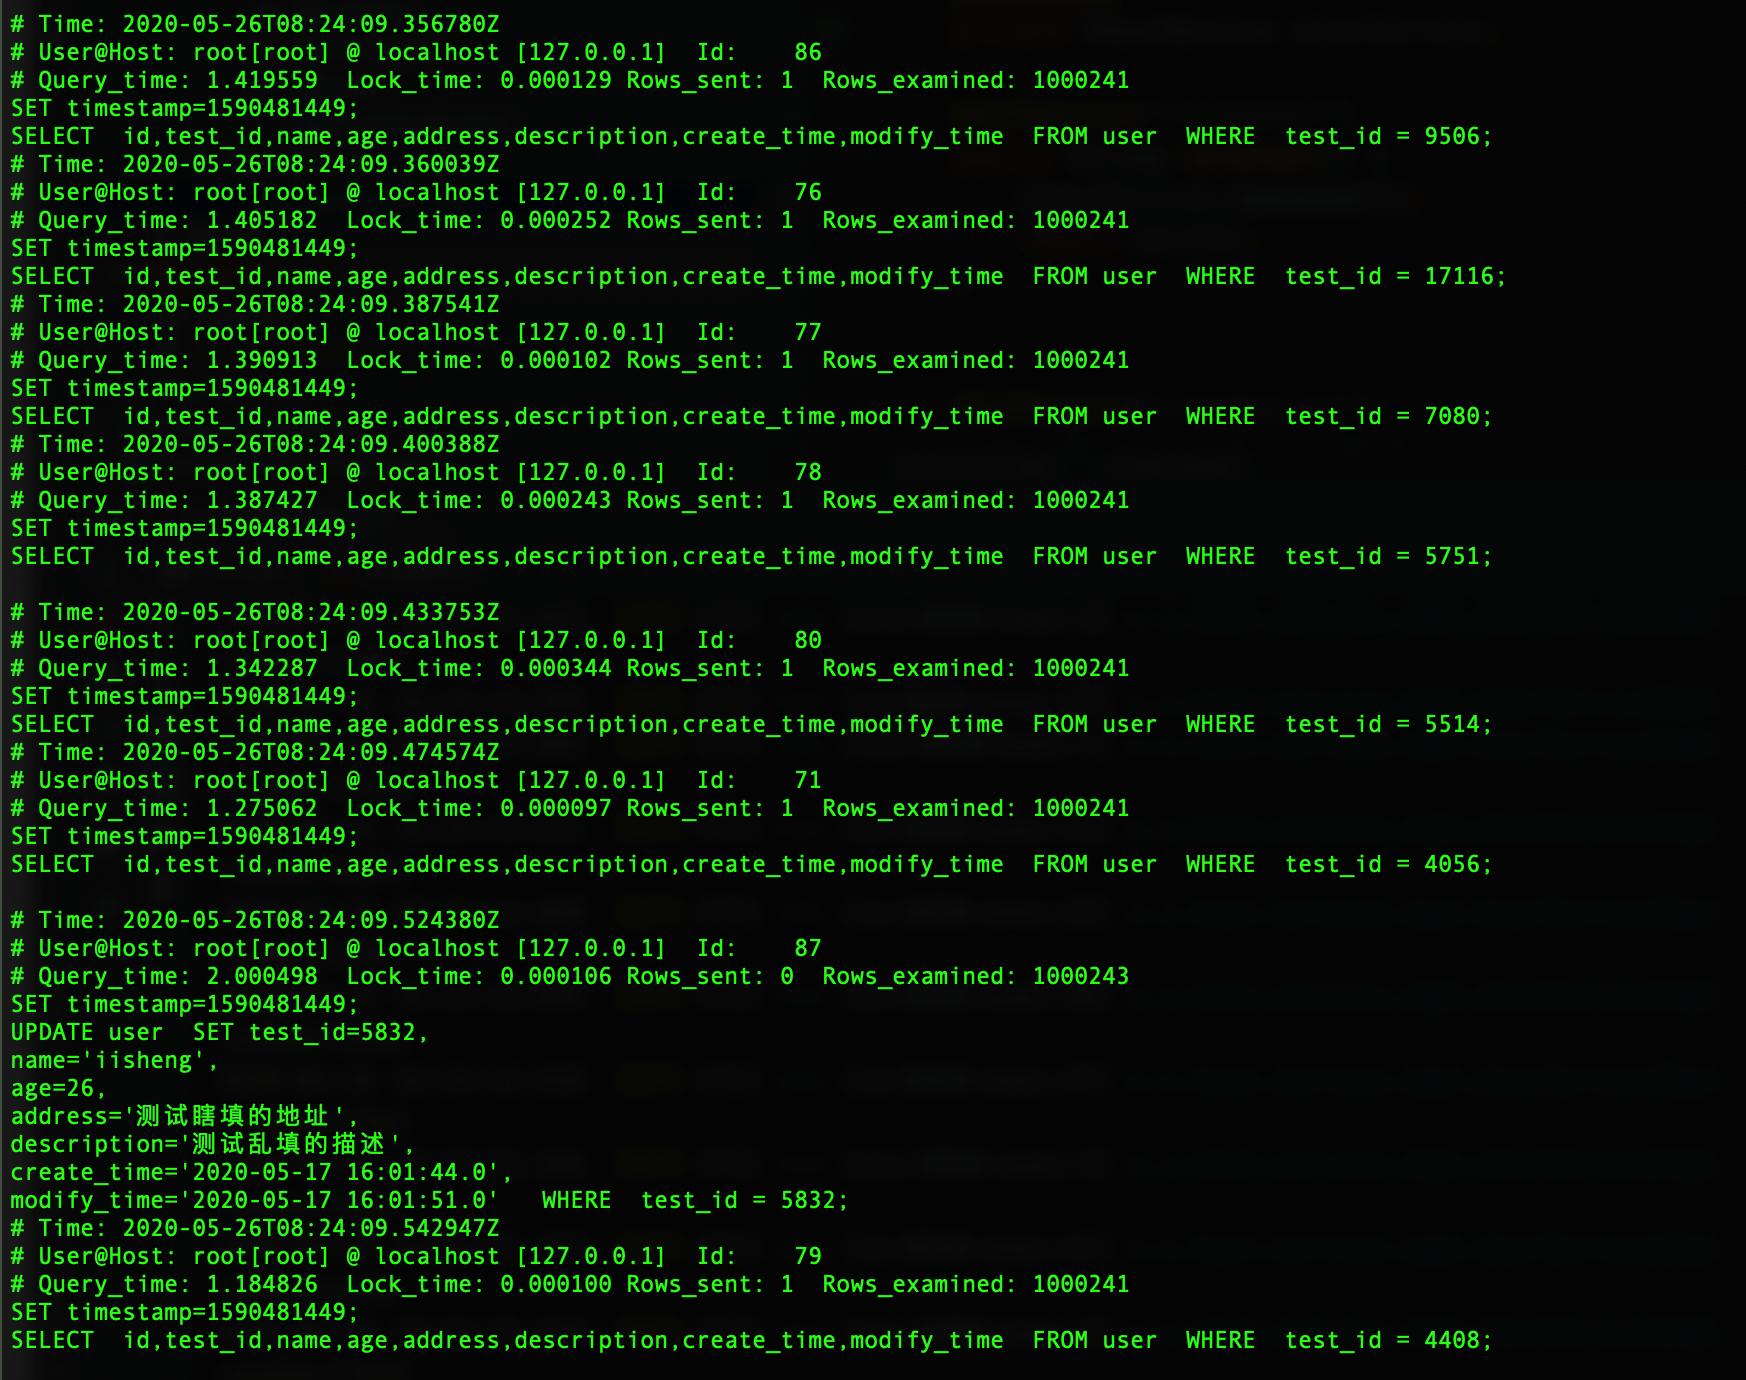 慢SQL日志图